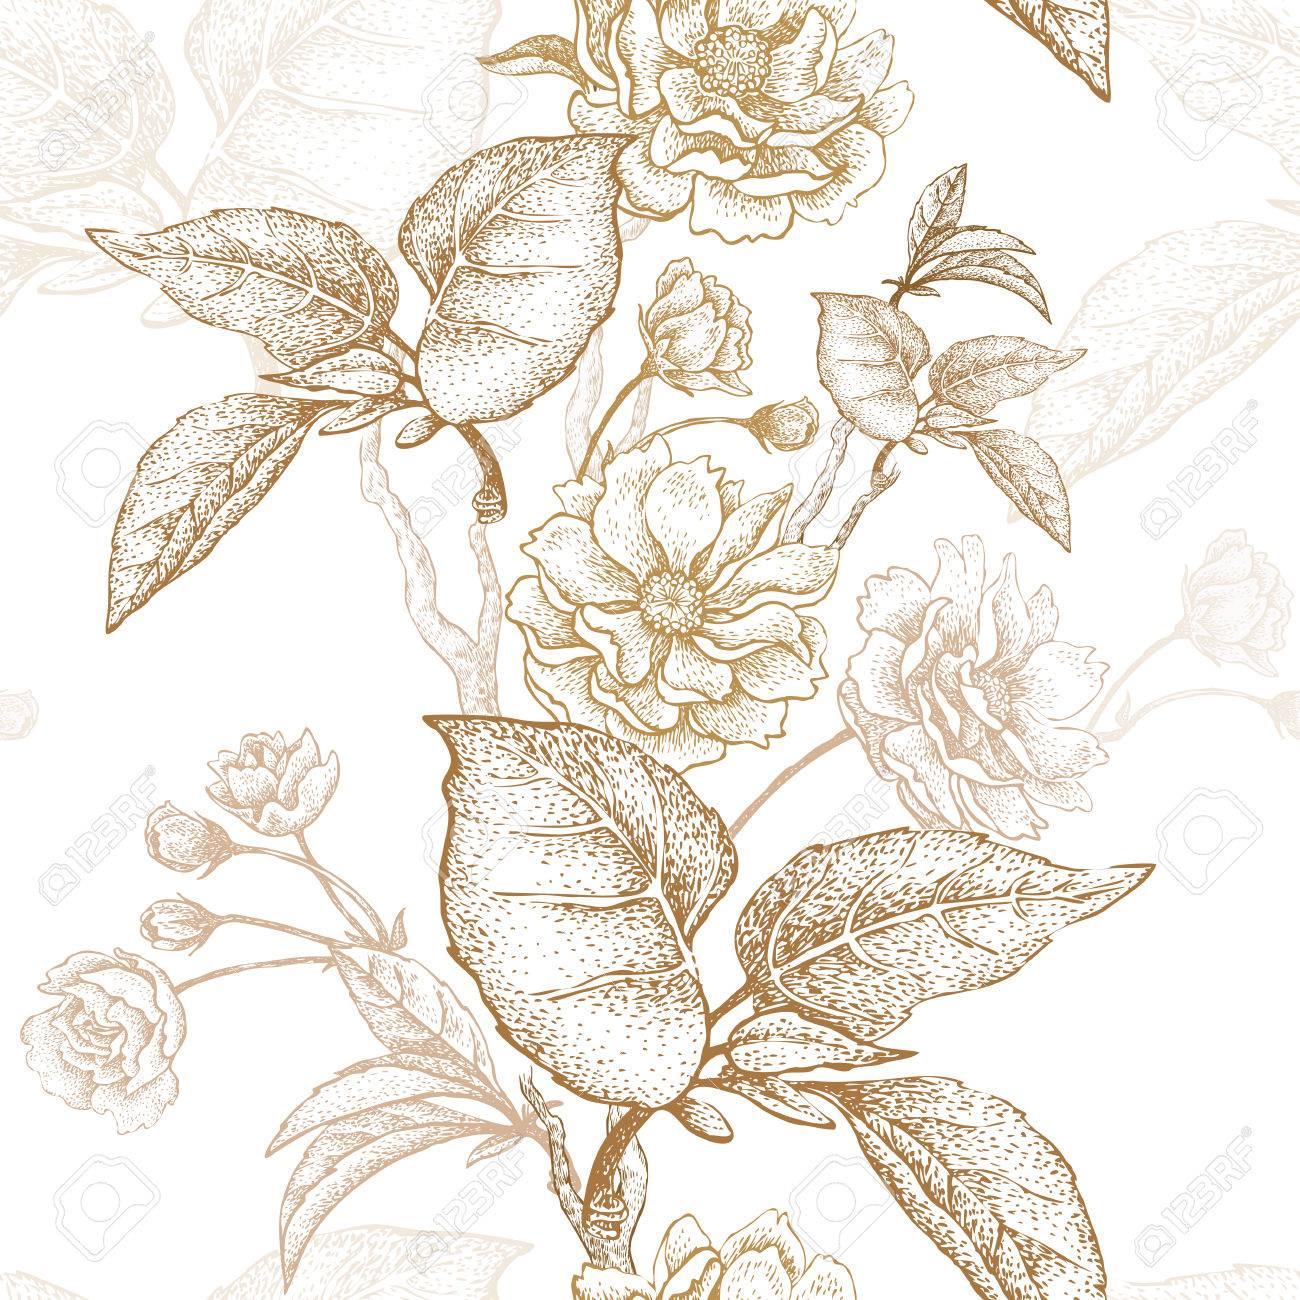 Bordados De Oro Sobre Un Fondo Blanco. Ilustración Vectorial Basado ...